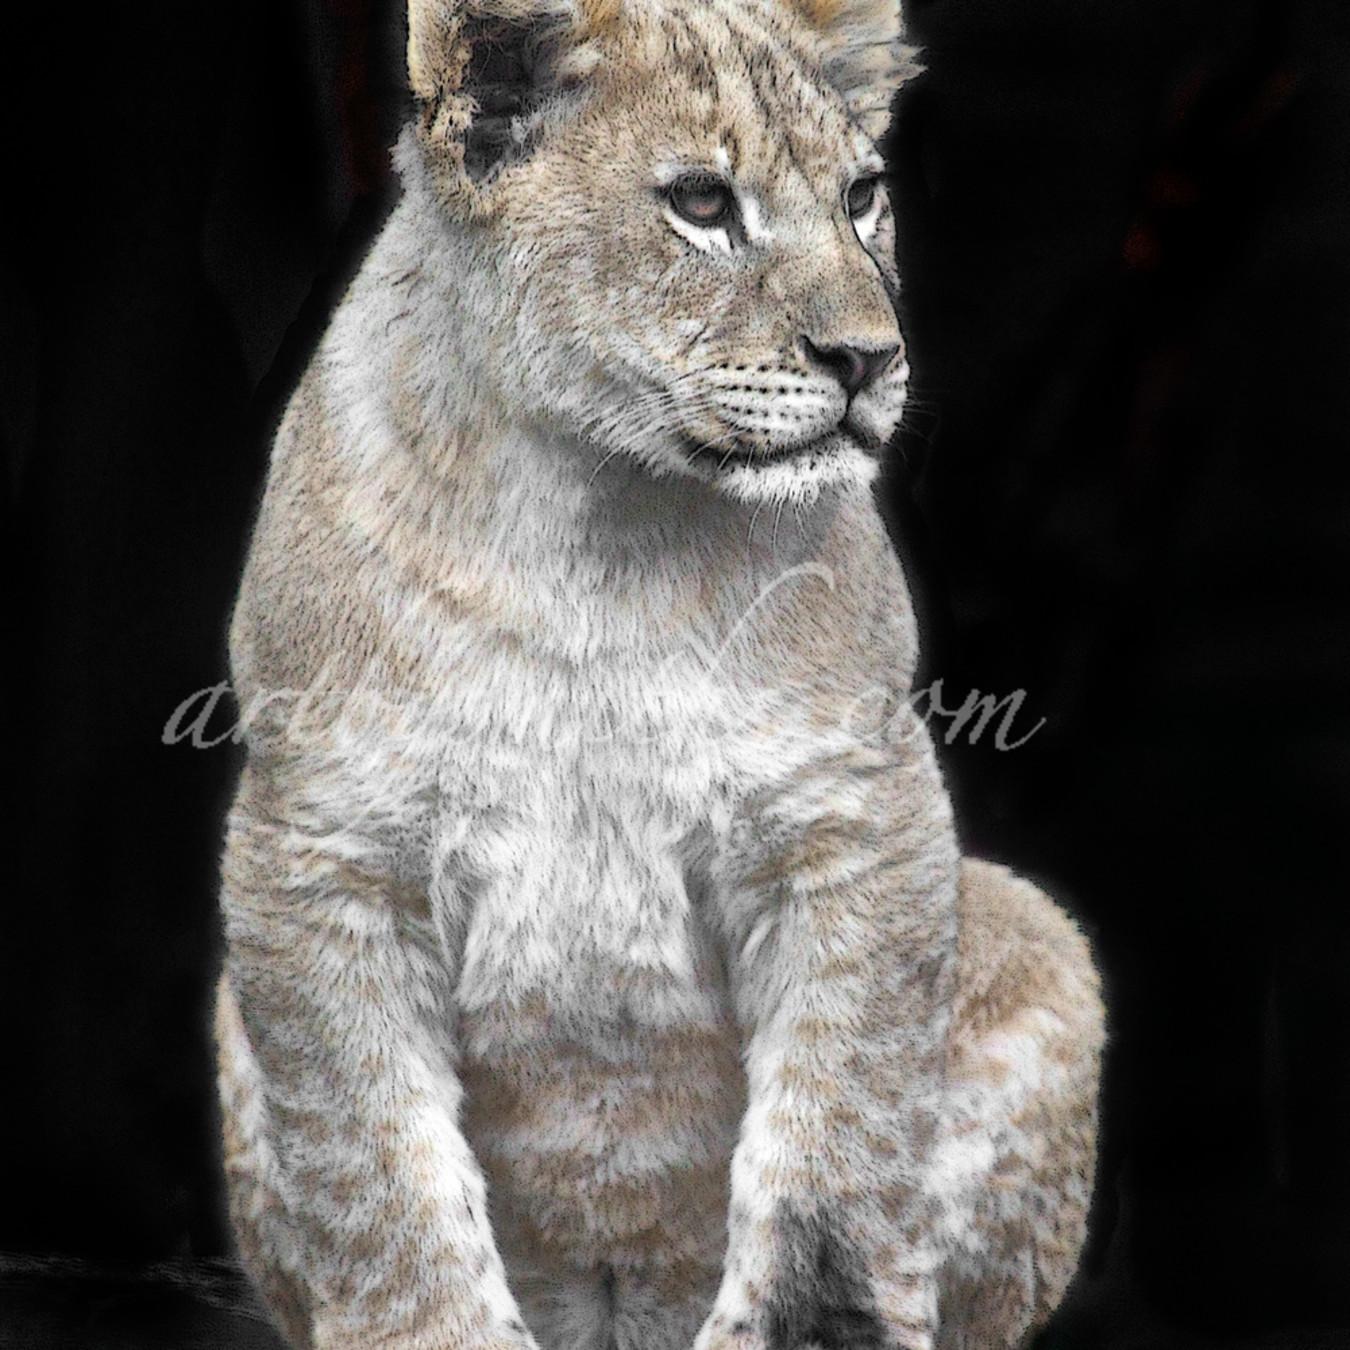 Lioncubvertc jx5zda